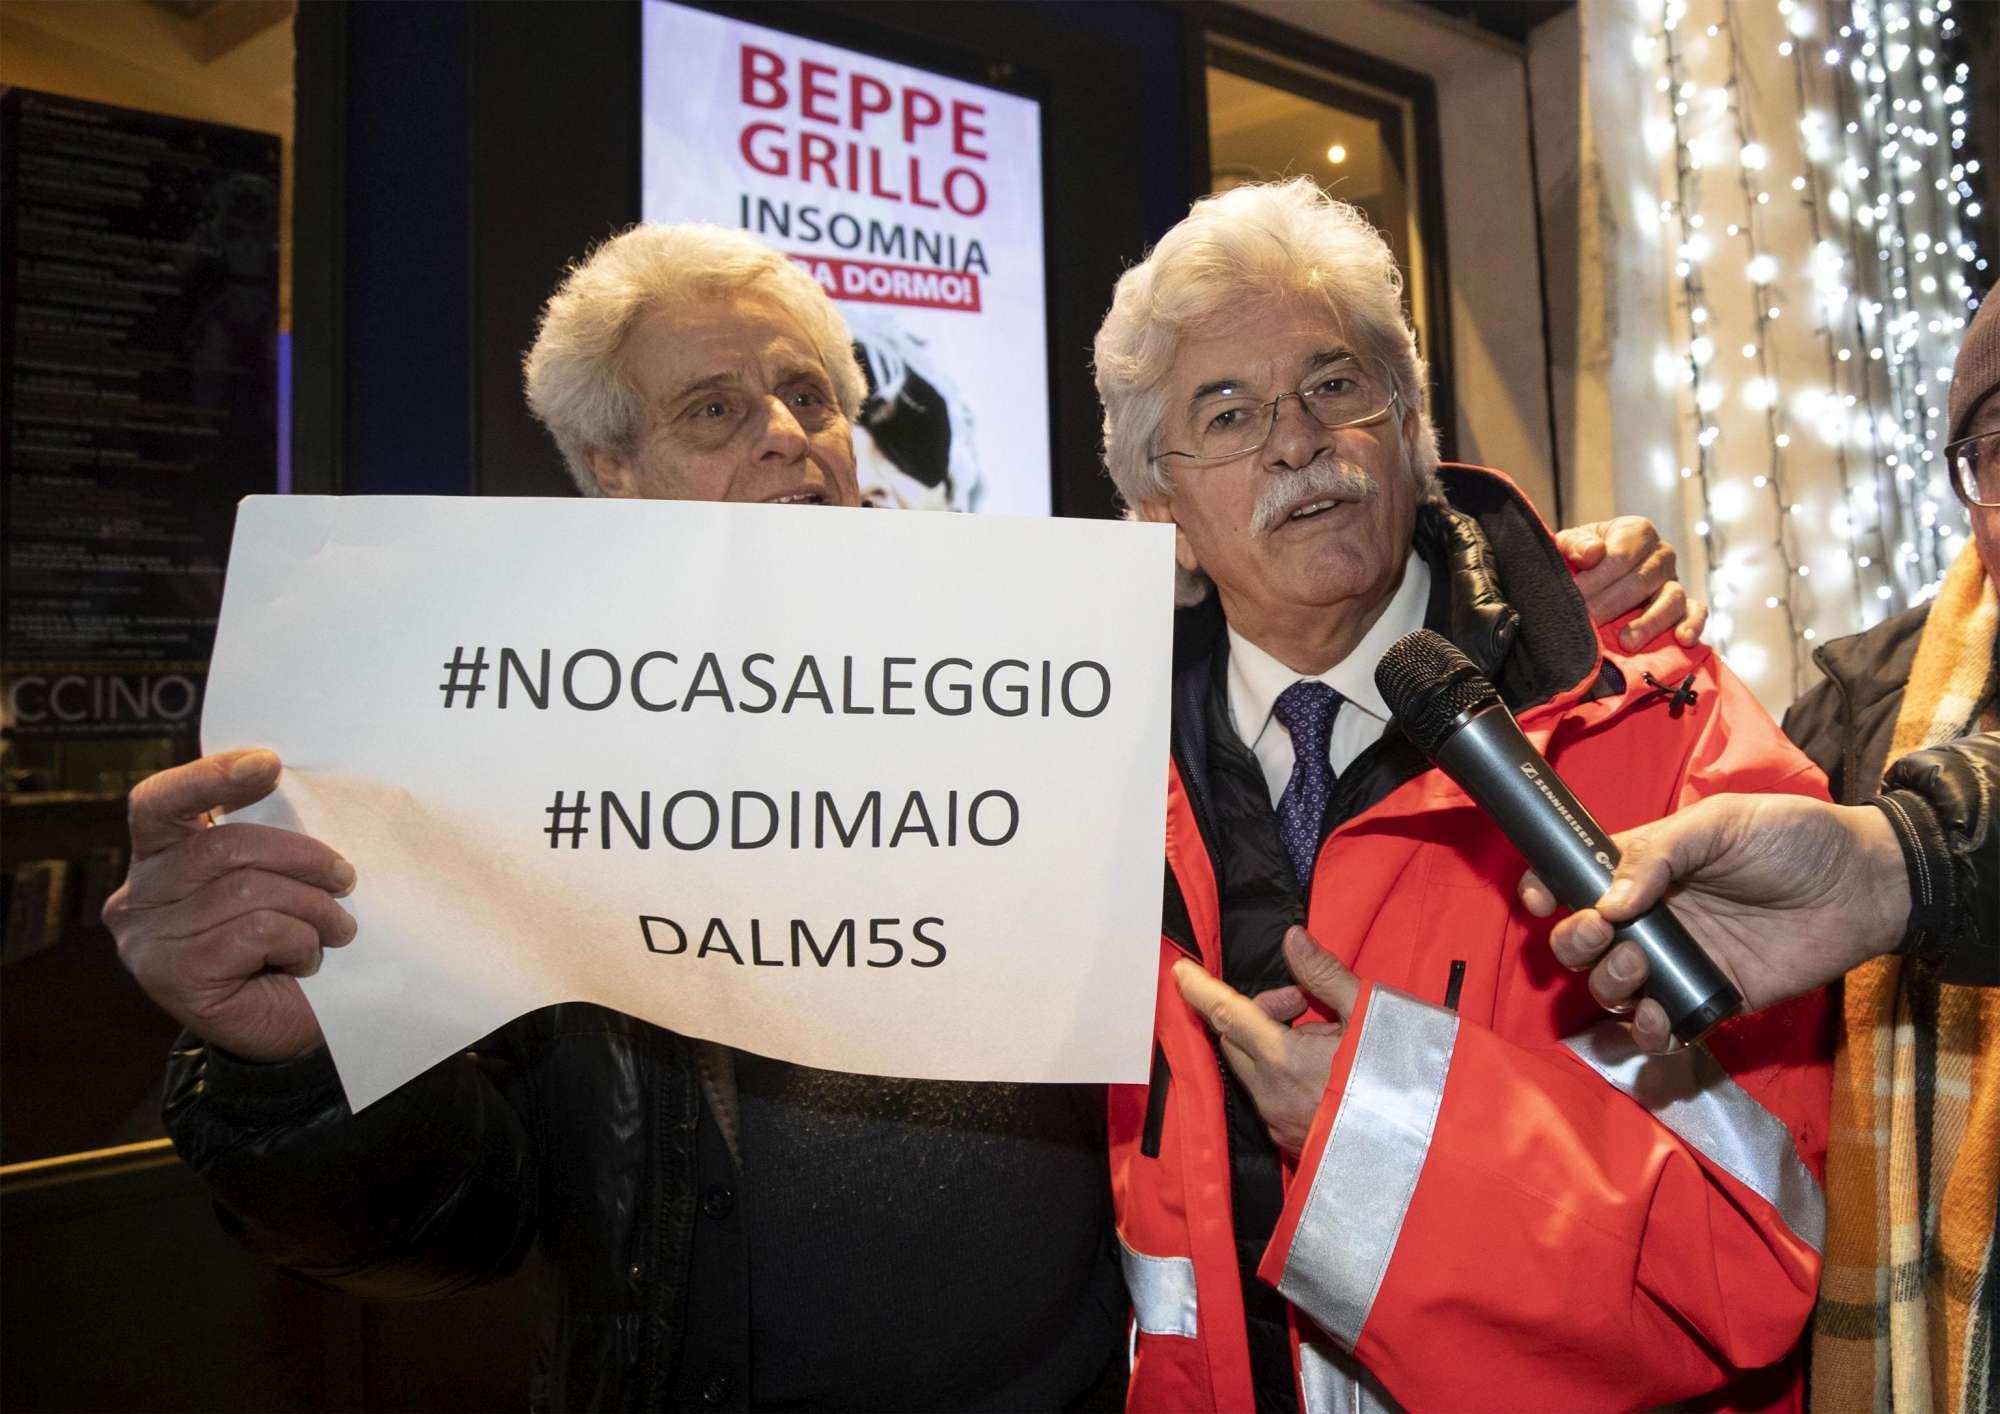 Ex attivisti M5s contestano Beppe Grillo